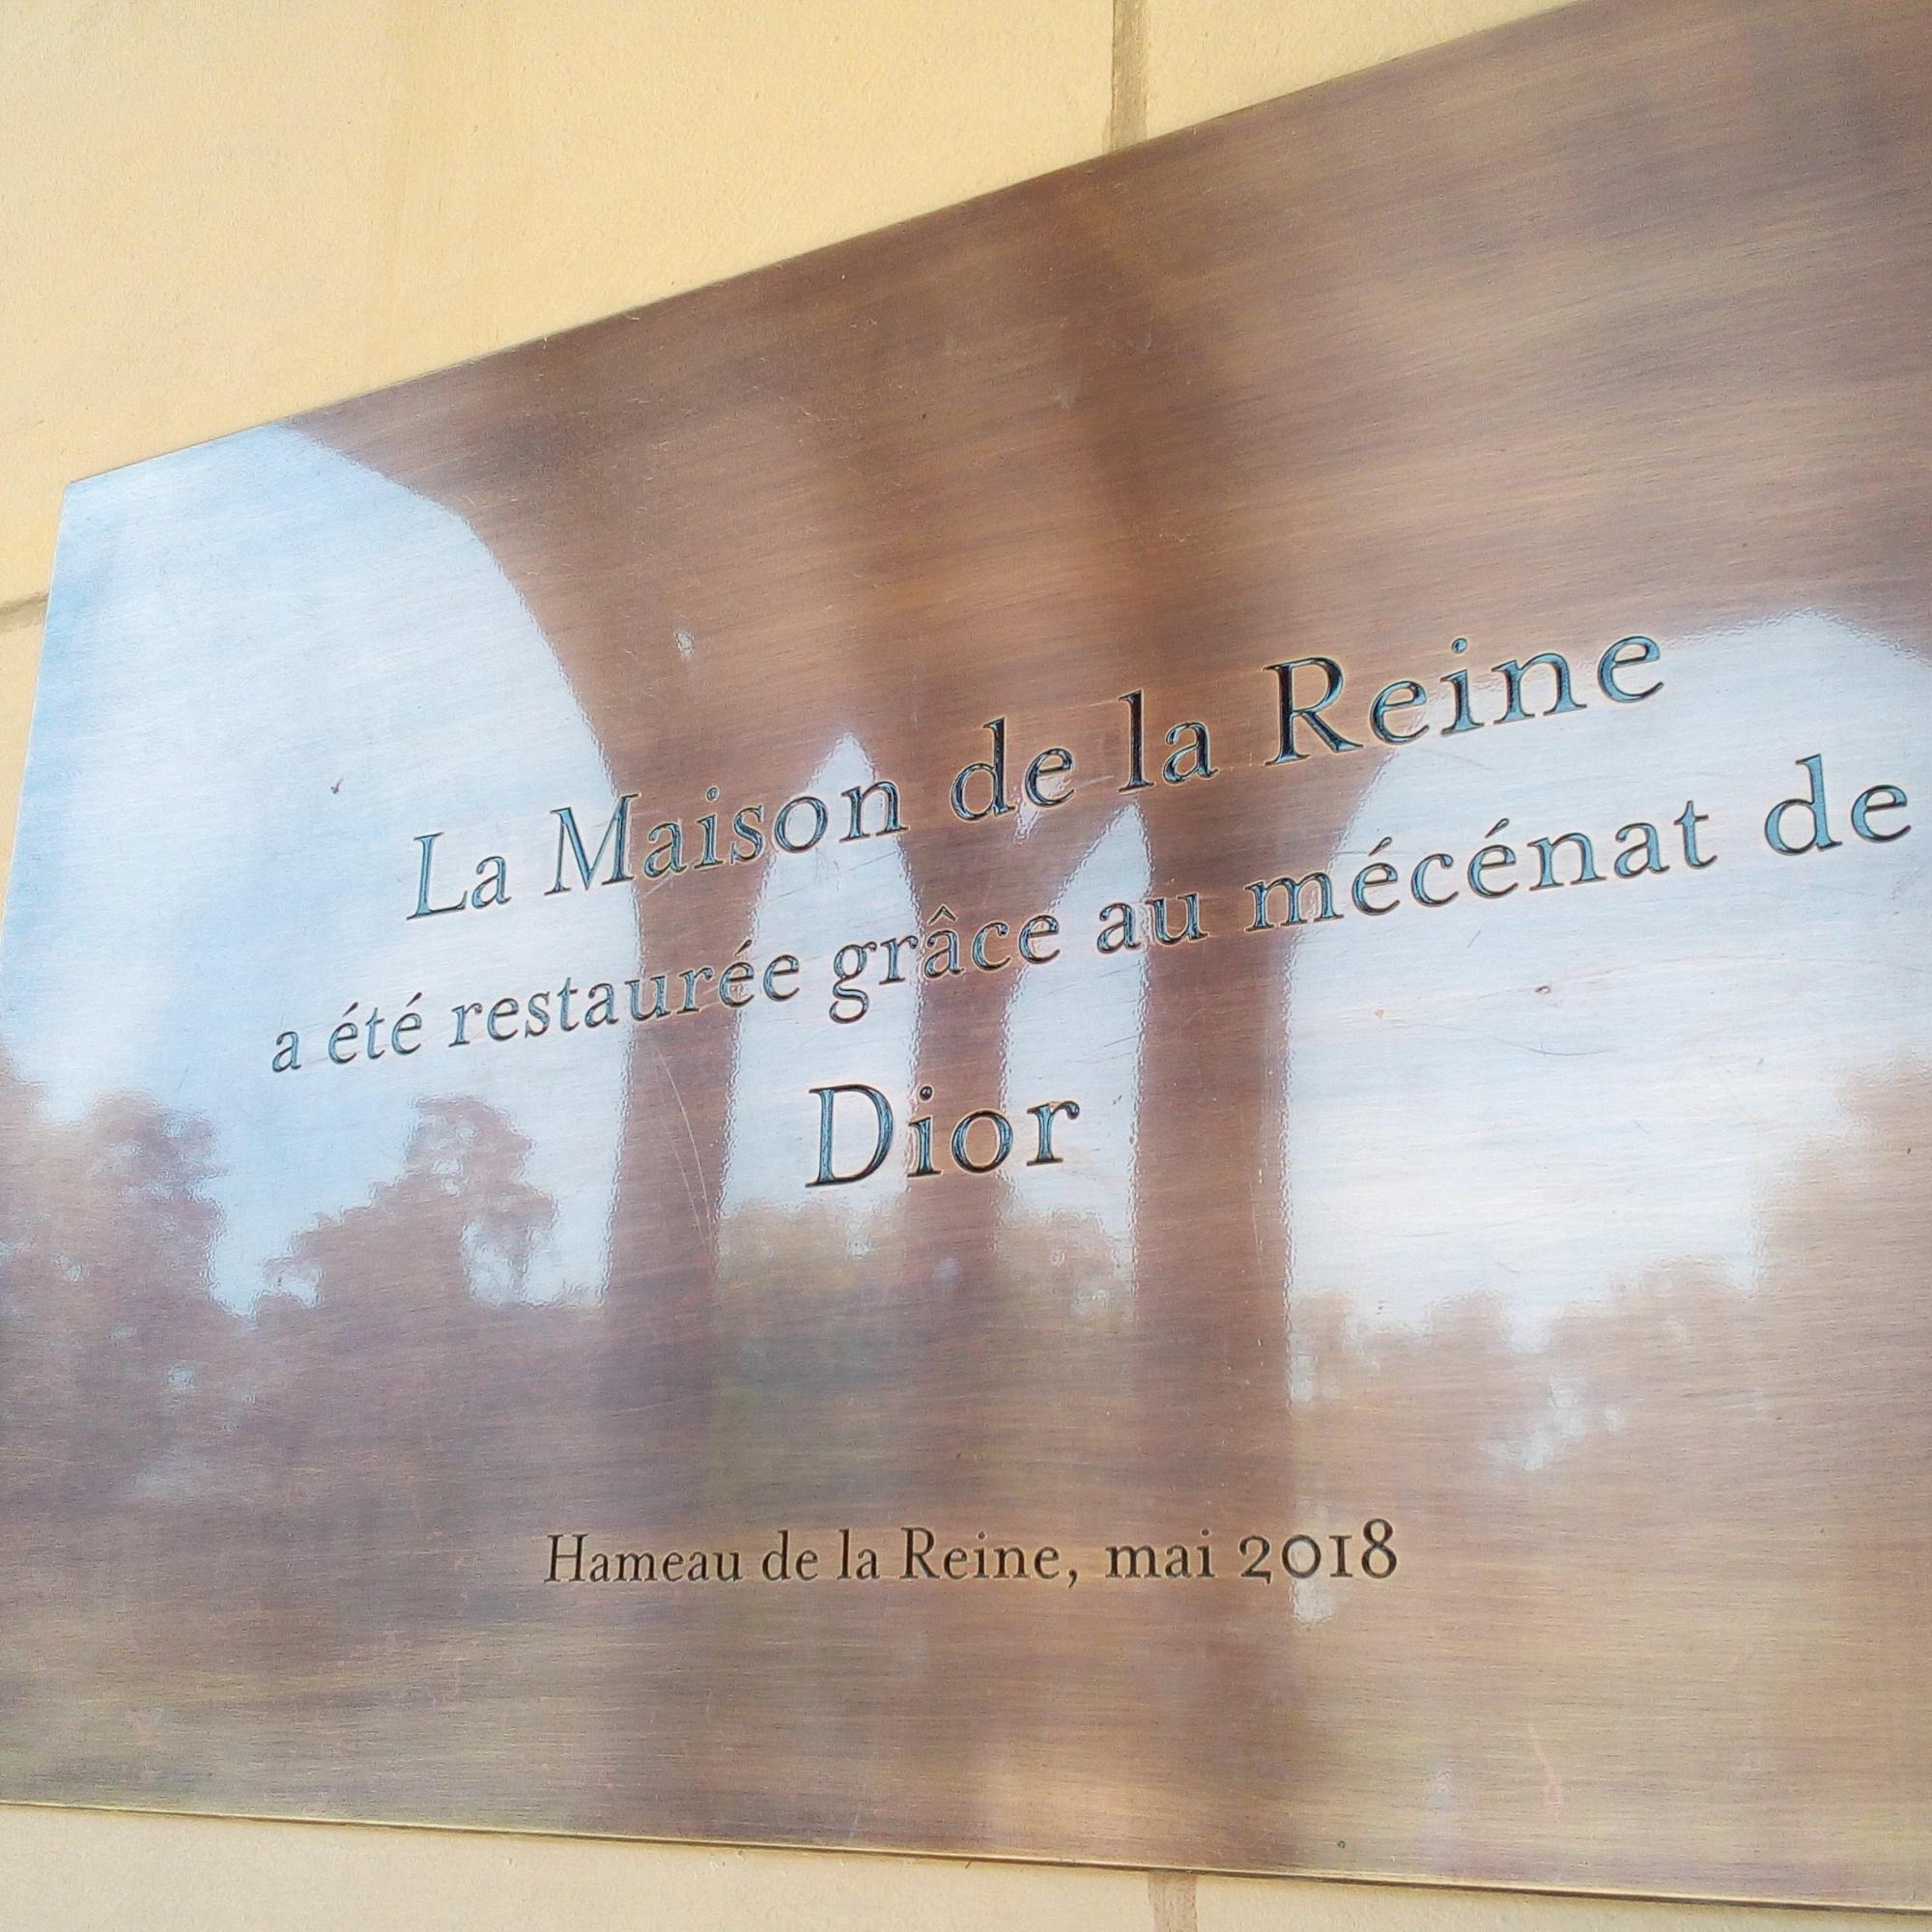 Hameau de la Reine, Maison de la reine, Mécénat Dior